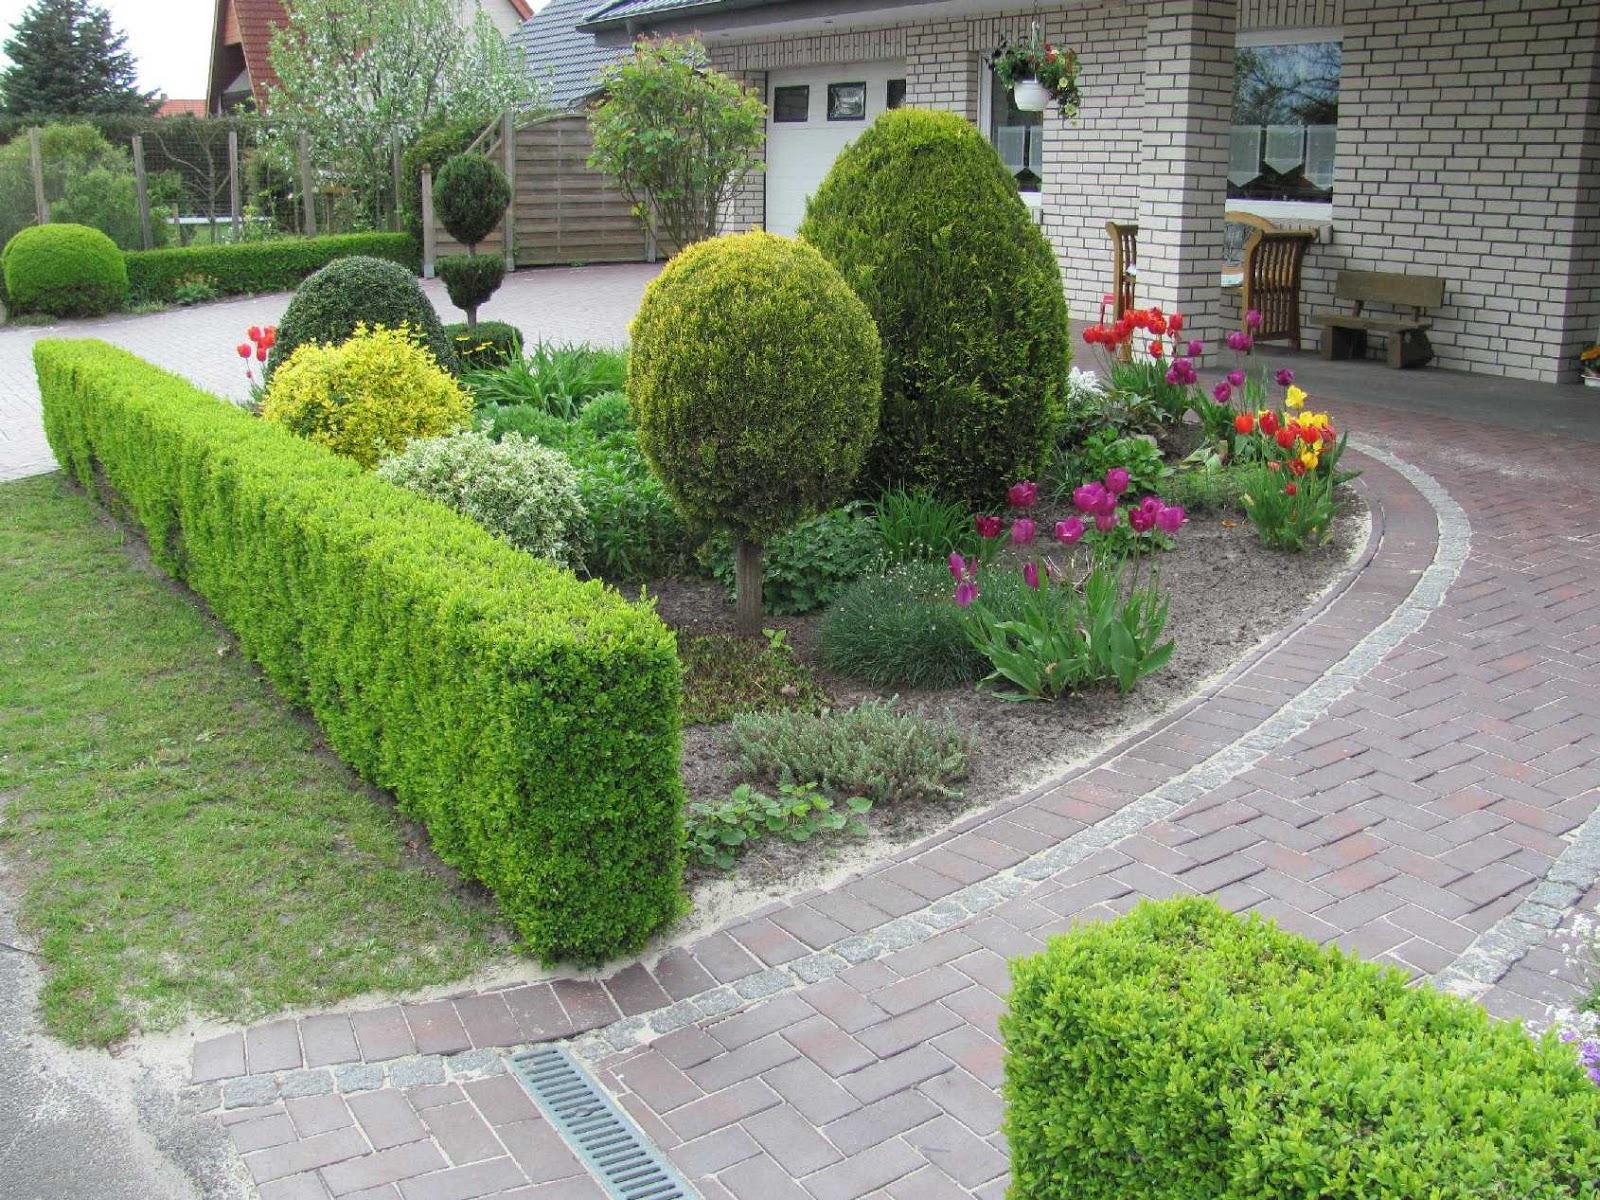 Vorgarten Pflegeleichte Bepflanzung Best Vorgarten Pflegeleichte ...